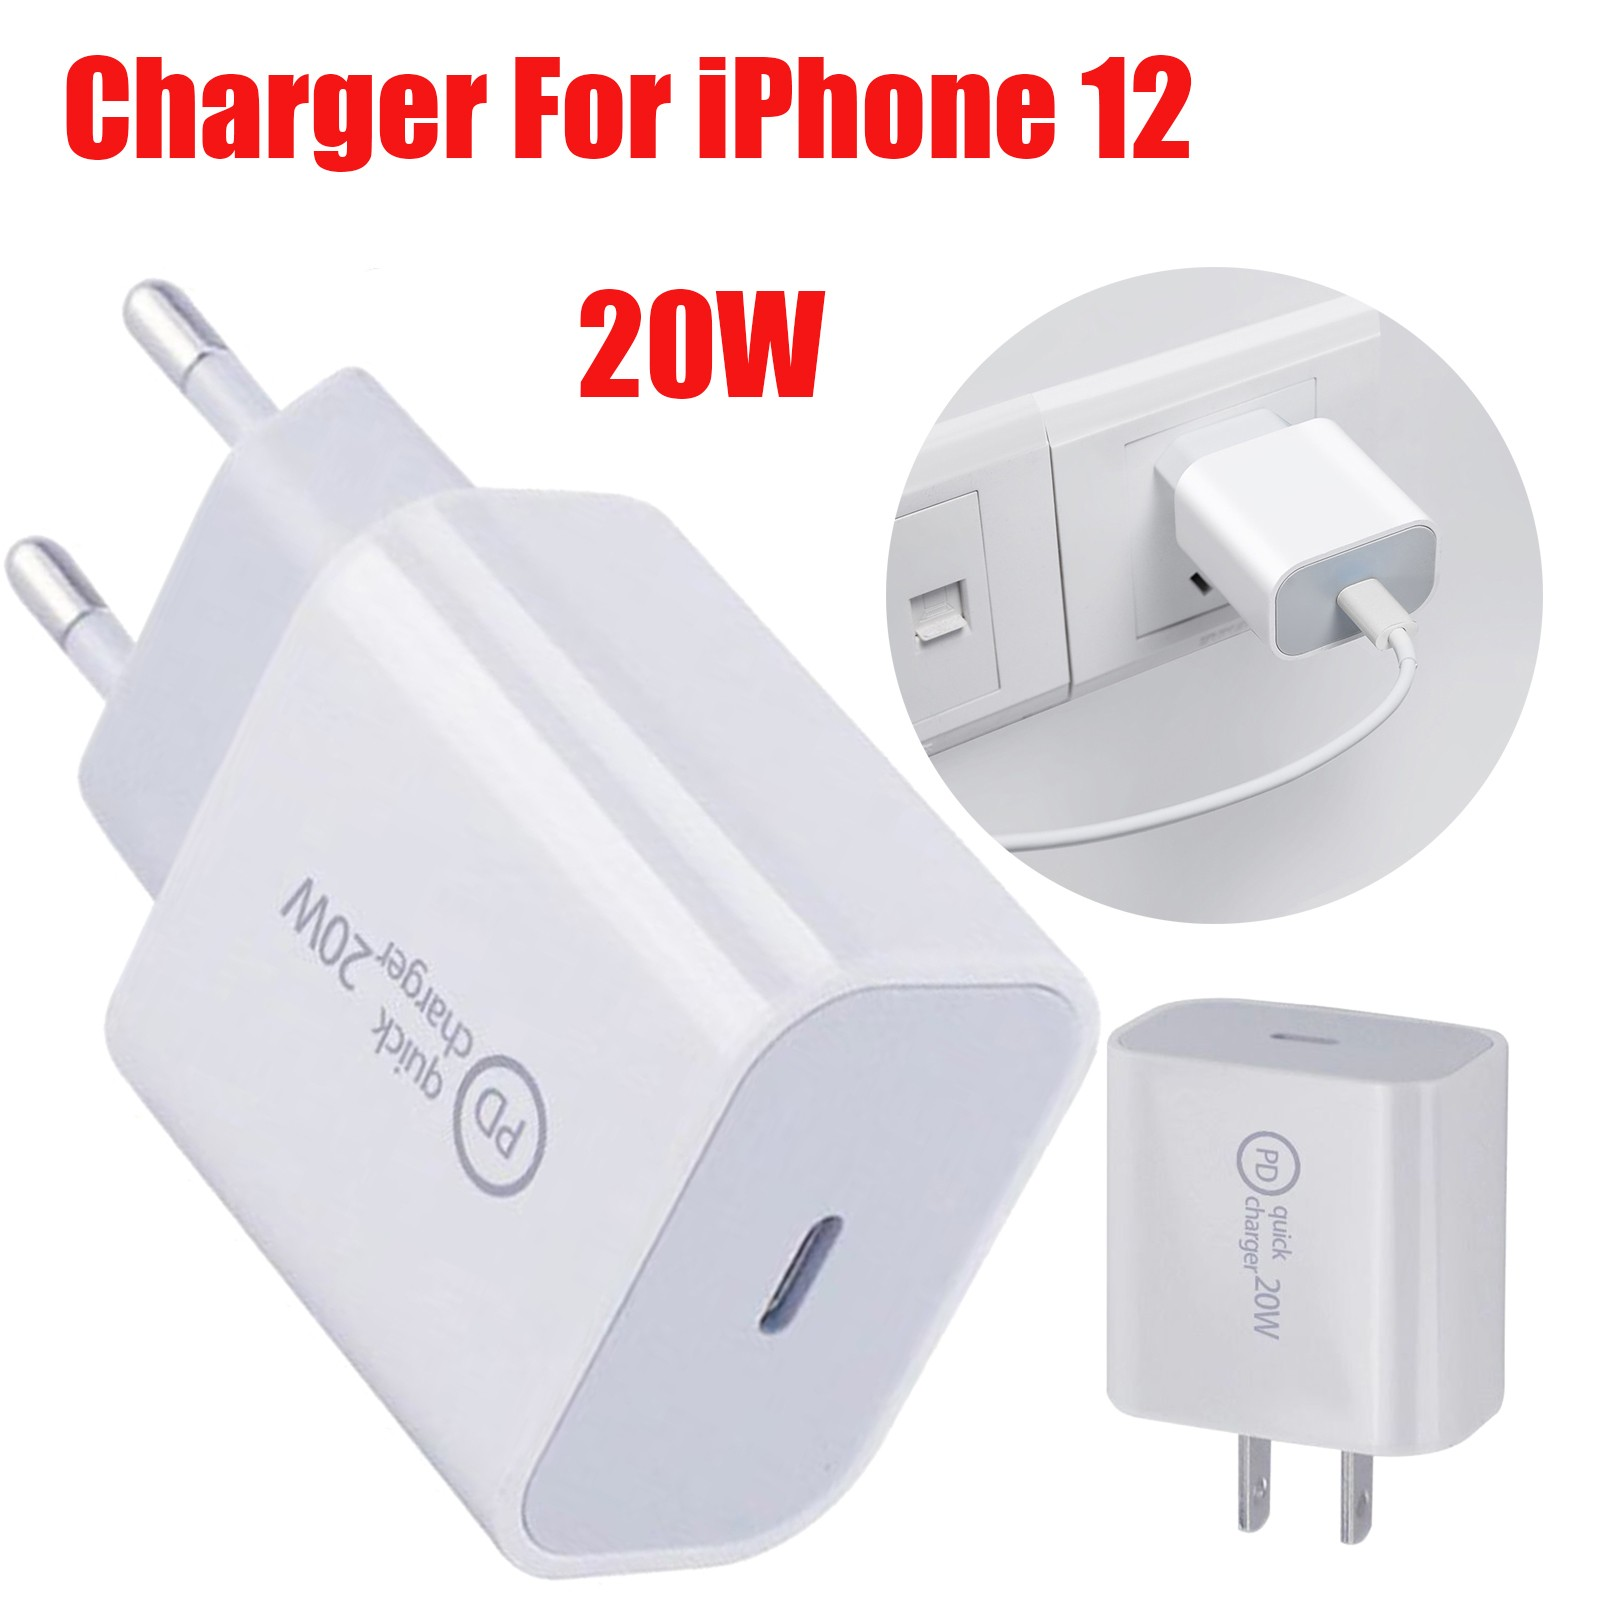 20 Вт USB зарядное устройство для iPhone, Samsung, Xiaomi, быстрая зарядка для телефона USB-C адаптер питания быстрый мобильный телефон зарядное устройств...